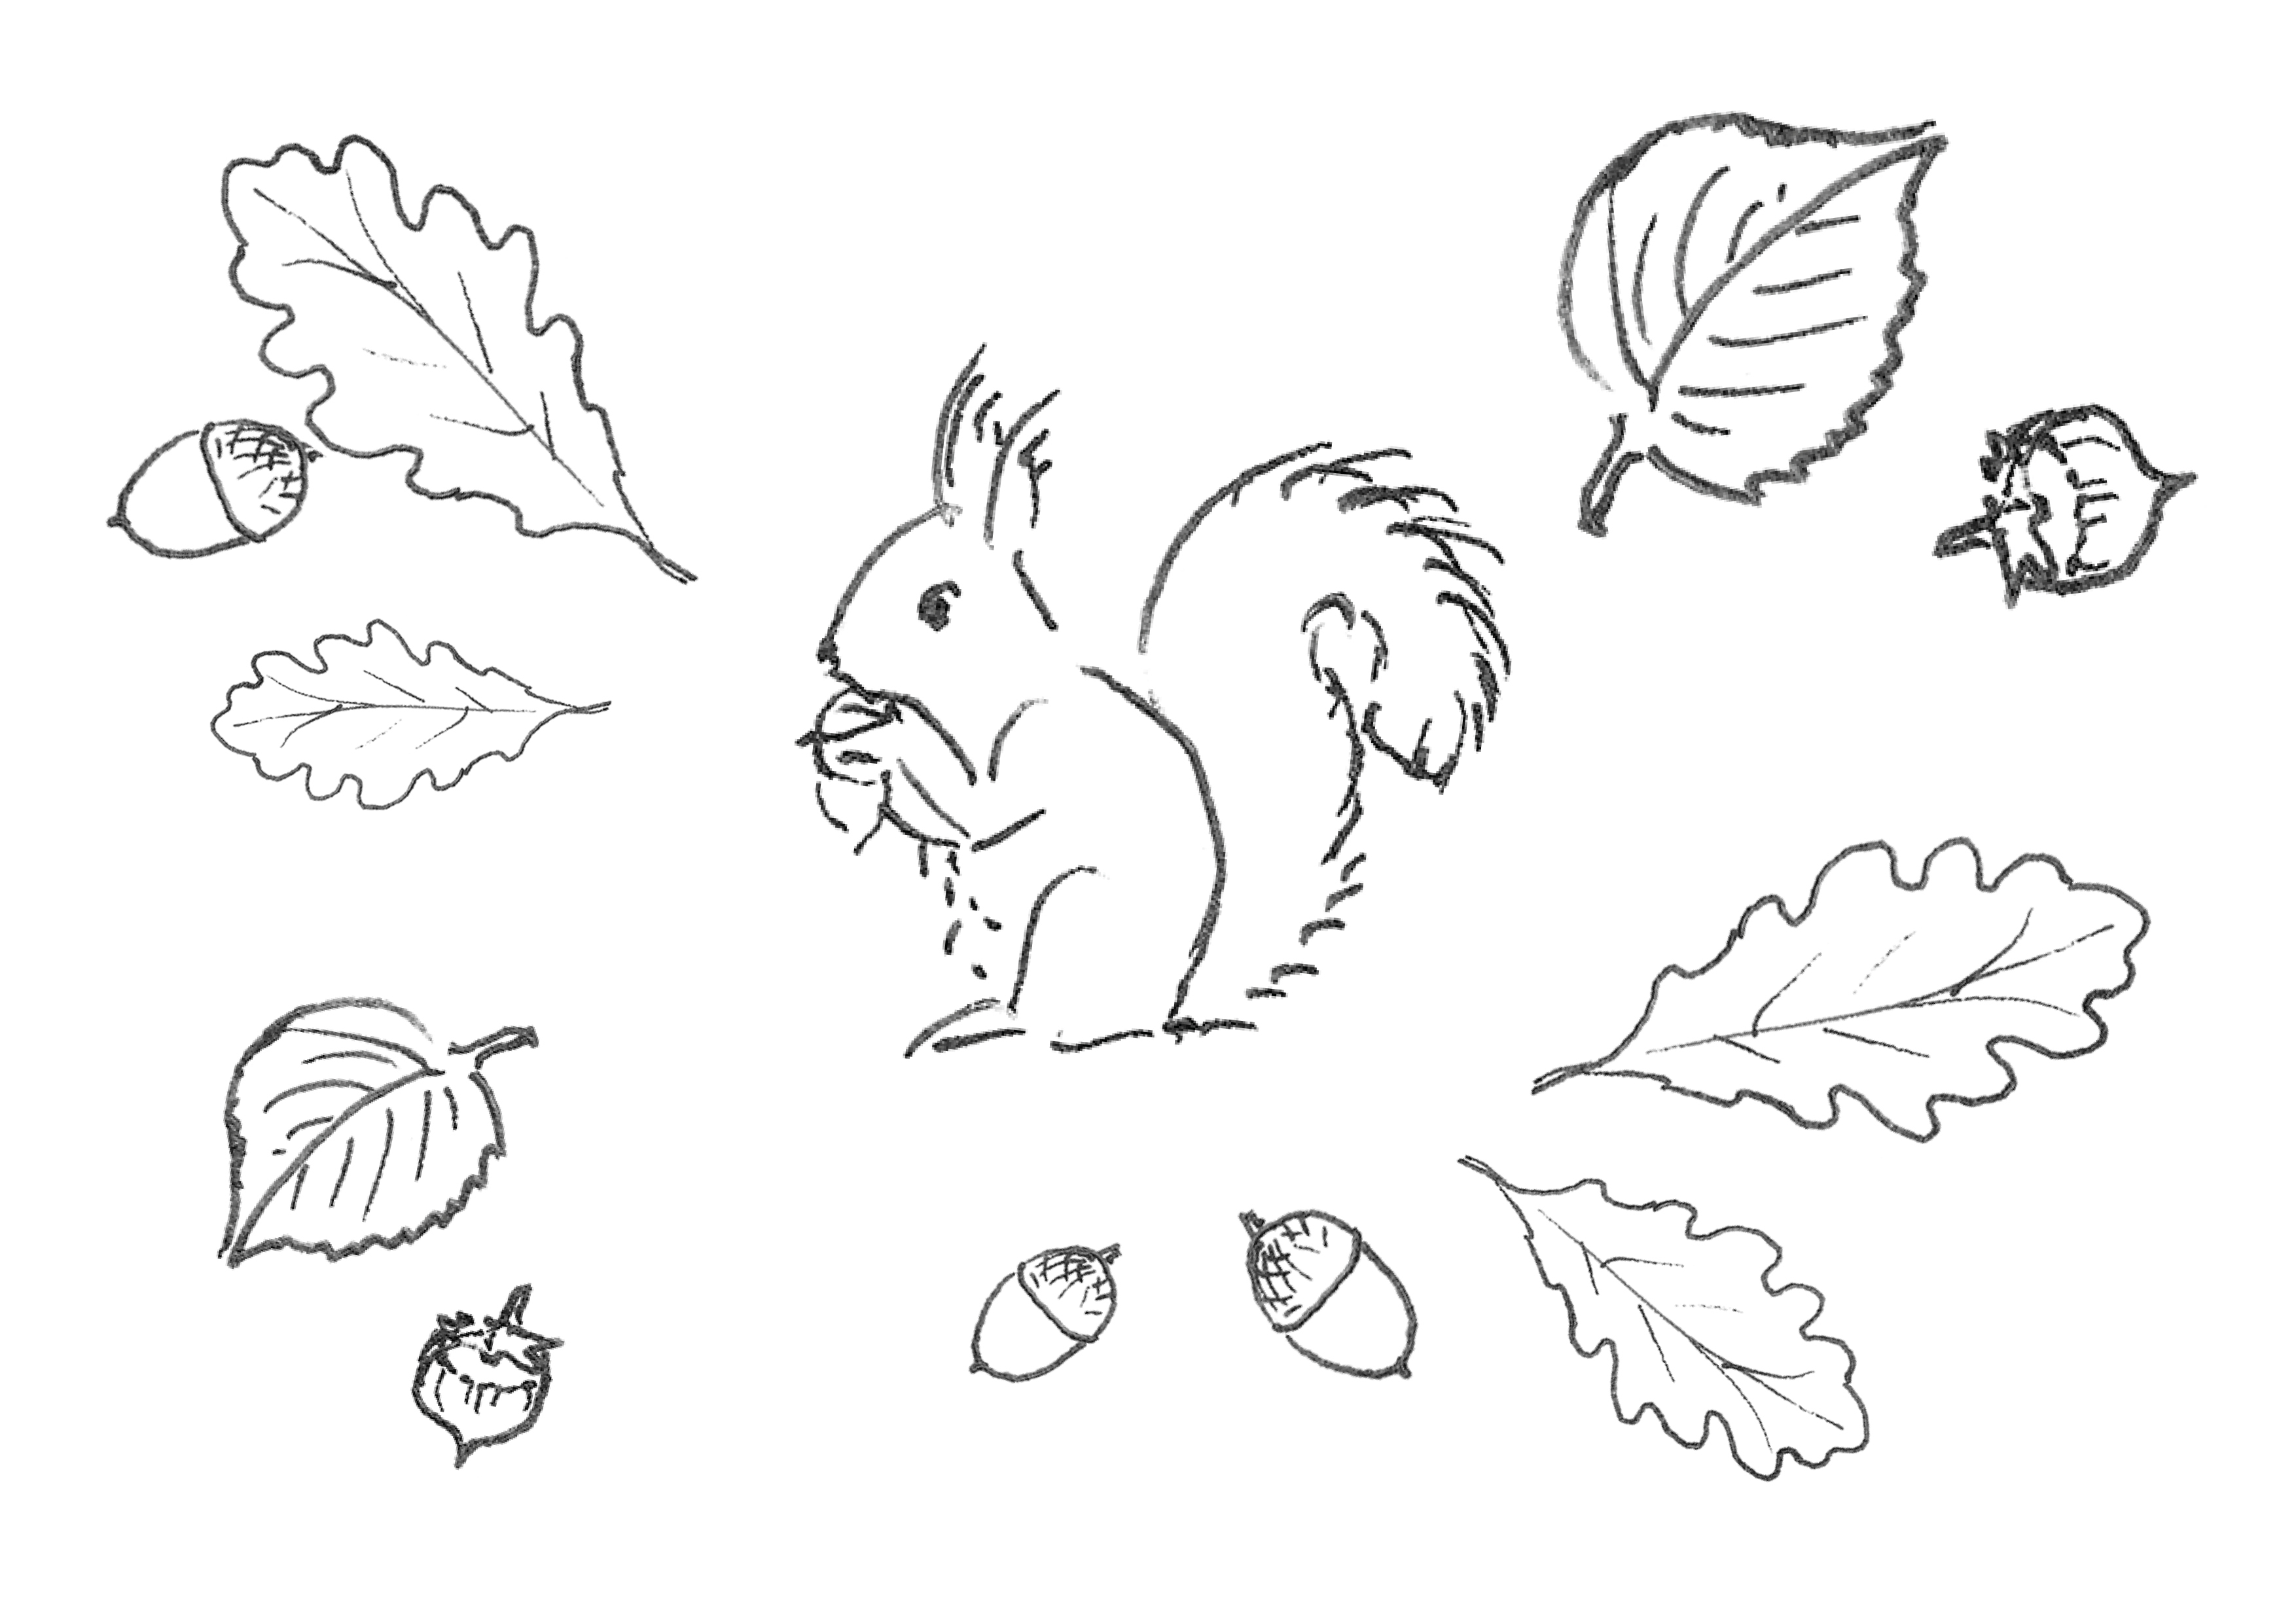 Piirroskuva oravasta, jonka ympärillä on tammenterhoja ja -lehtiä.